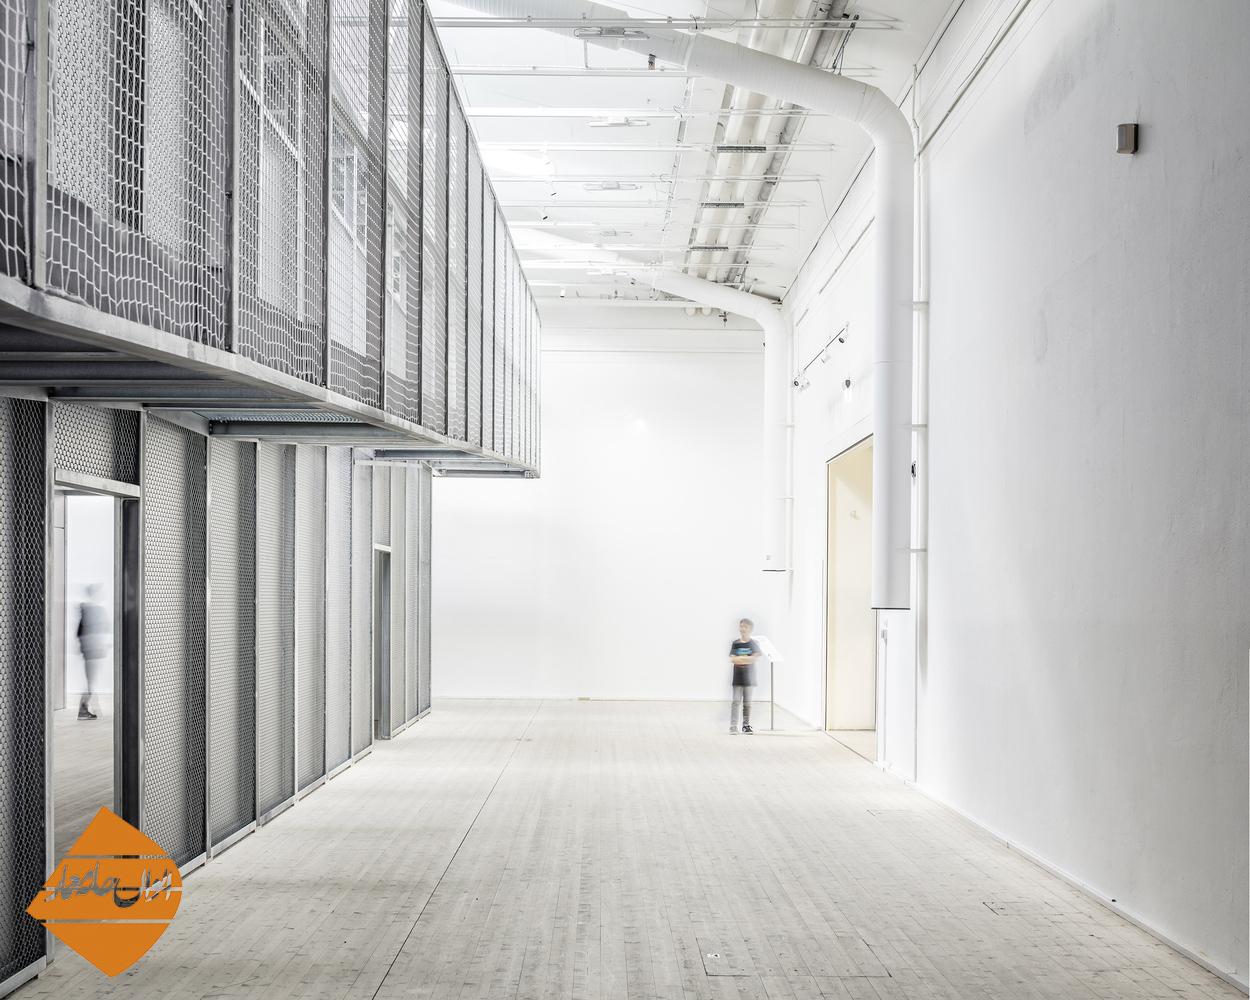 نمایشگاه متفاوتی در استکهلم برای دفتر کار معماری